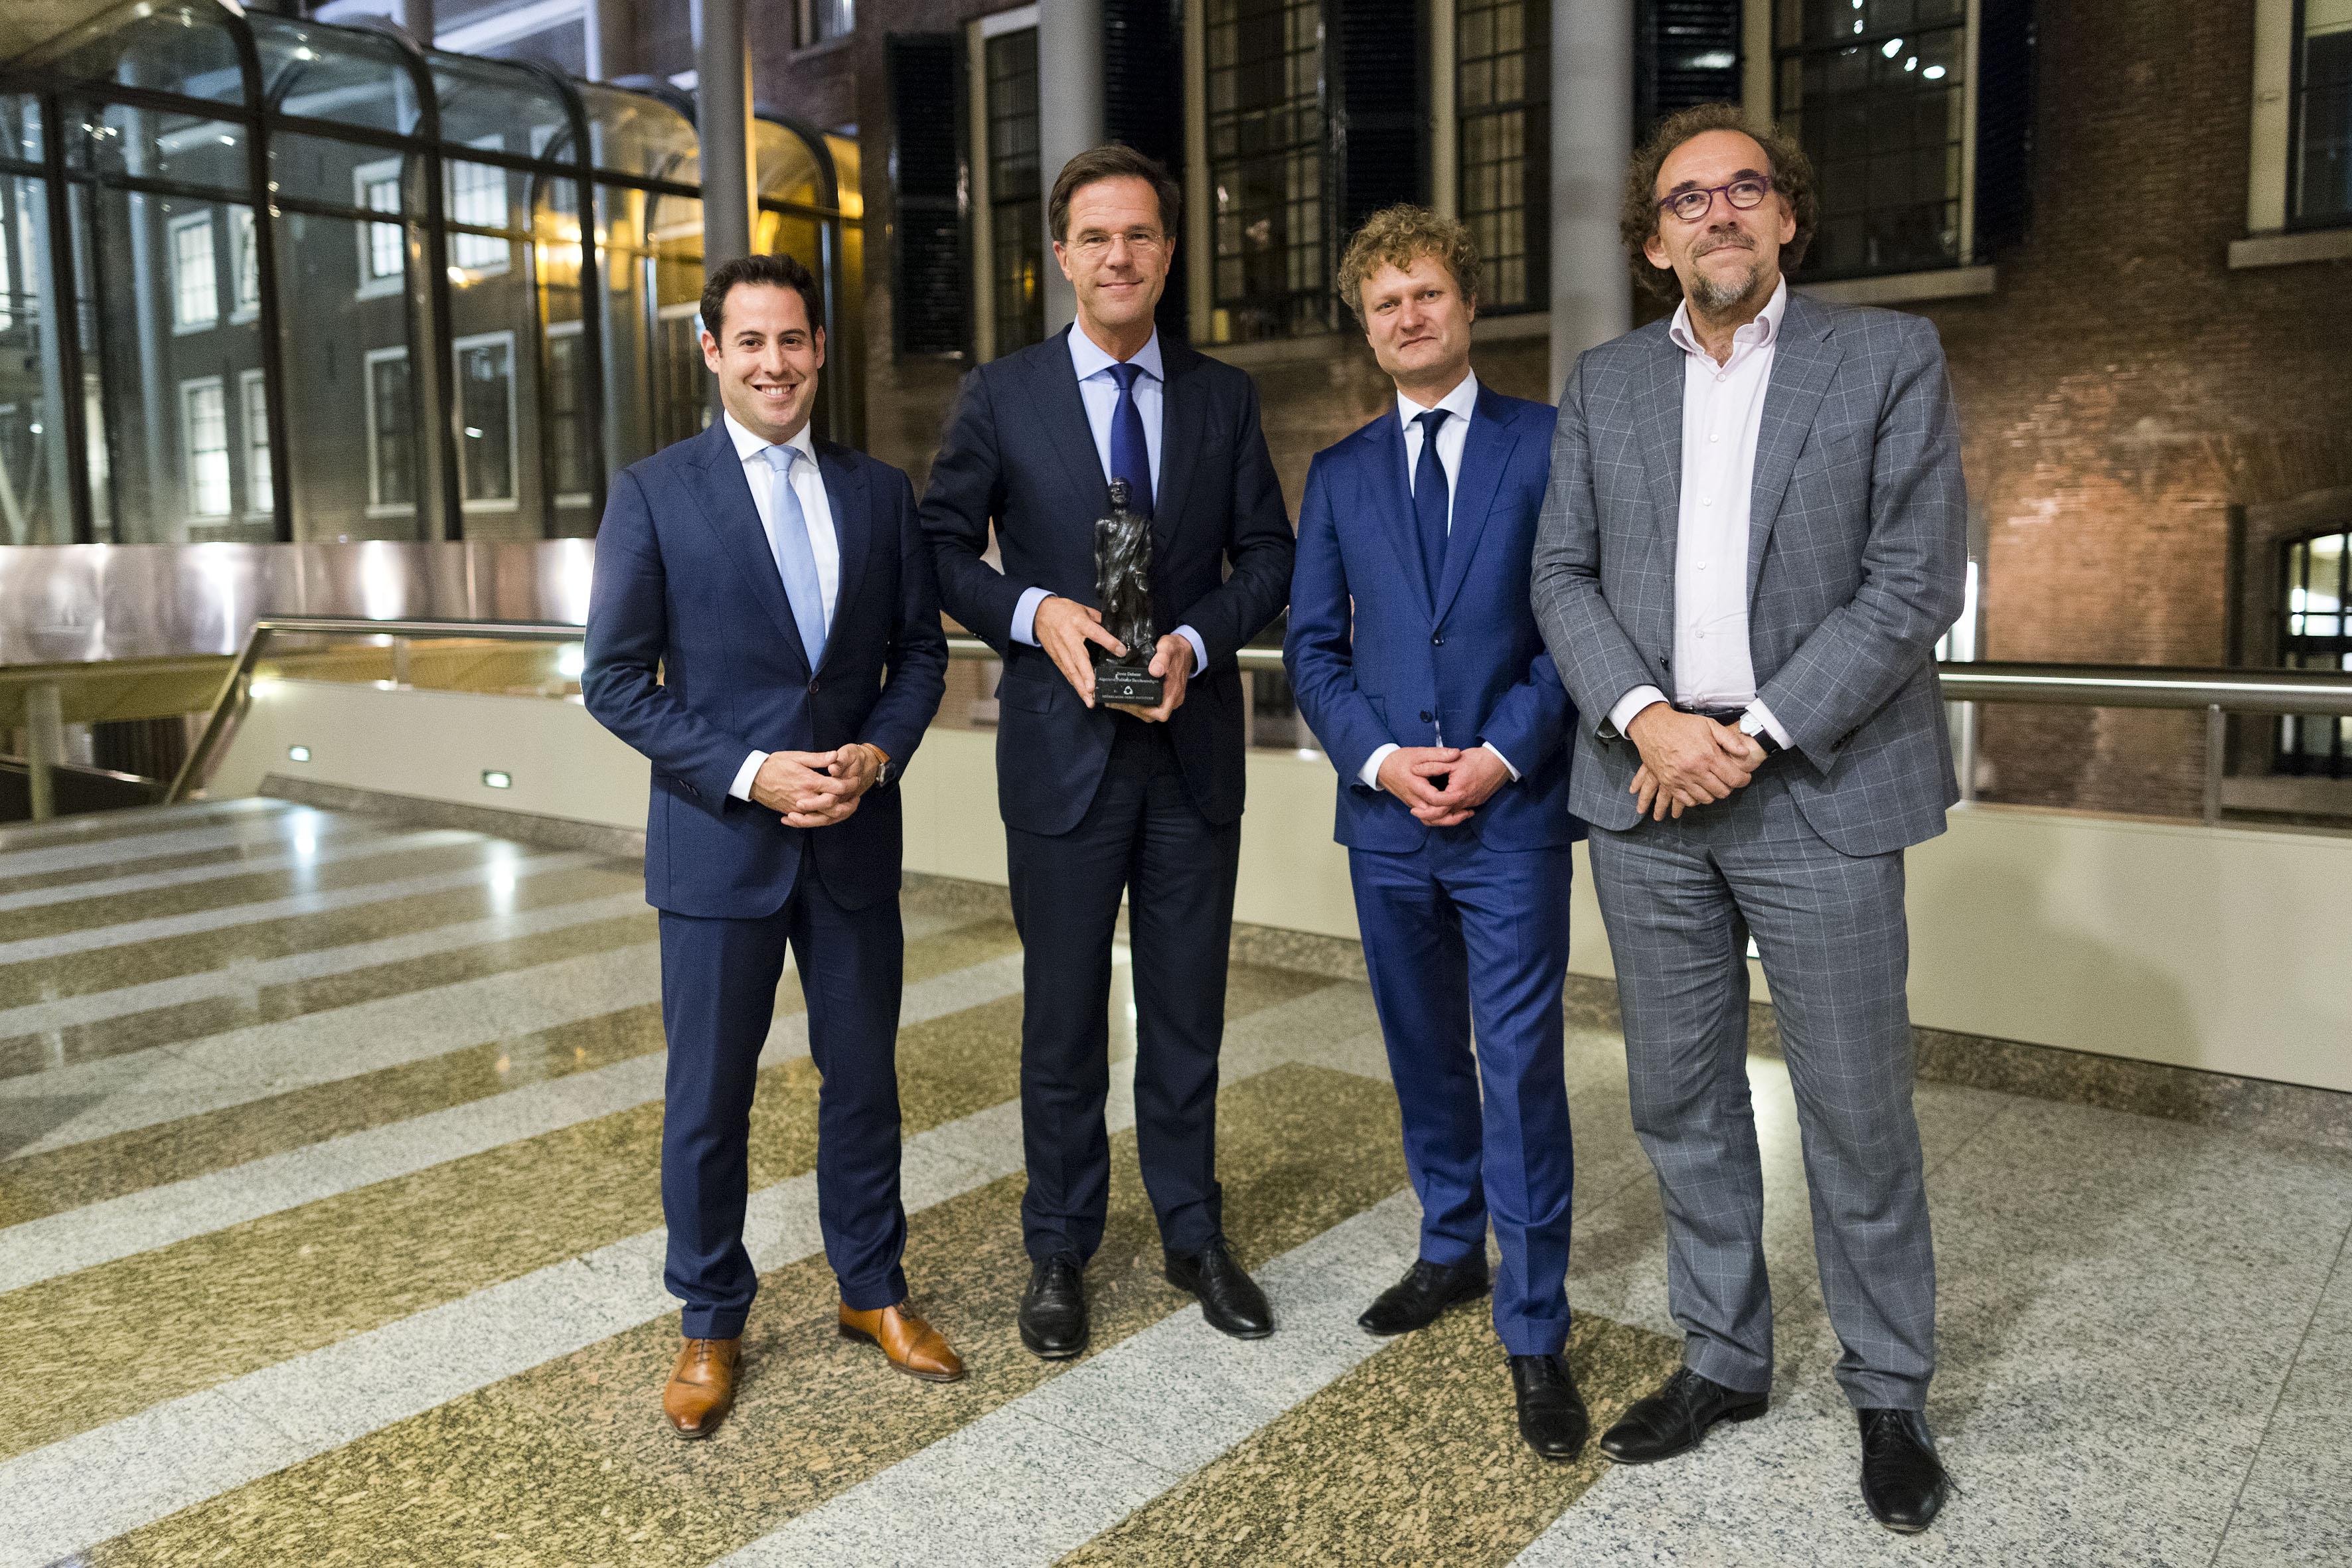 Mark Rutte wint Debatprijs tijdens de Algemene Politieke Beschouwingen